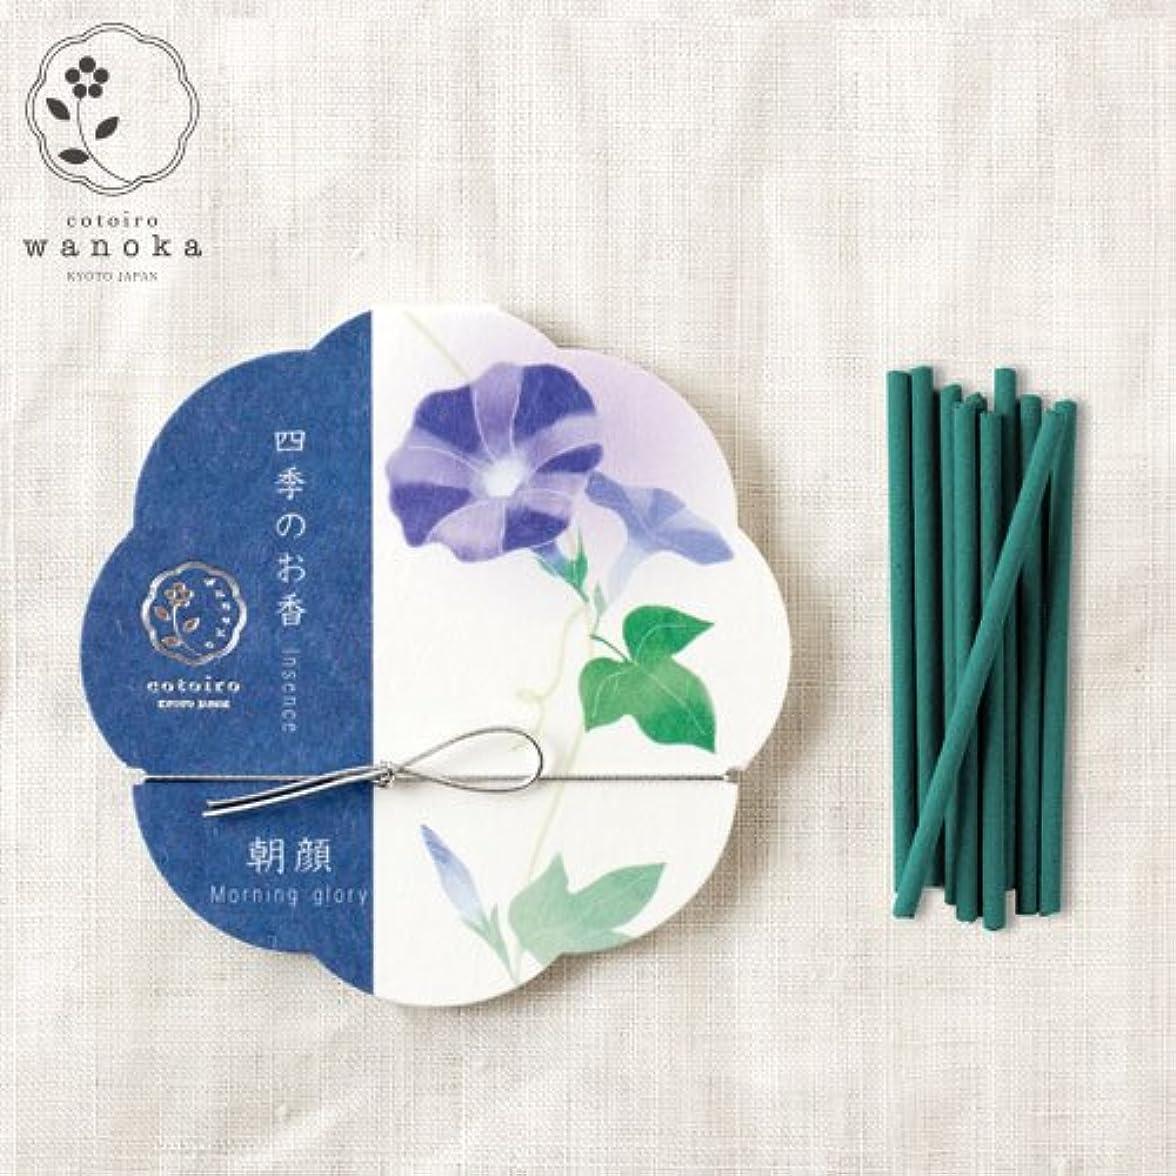 苦味製造業メダルwanoka四季のお香(インセンス)朝顔《涼しげな朝顔をイメージした香り》ART LABIncense stick